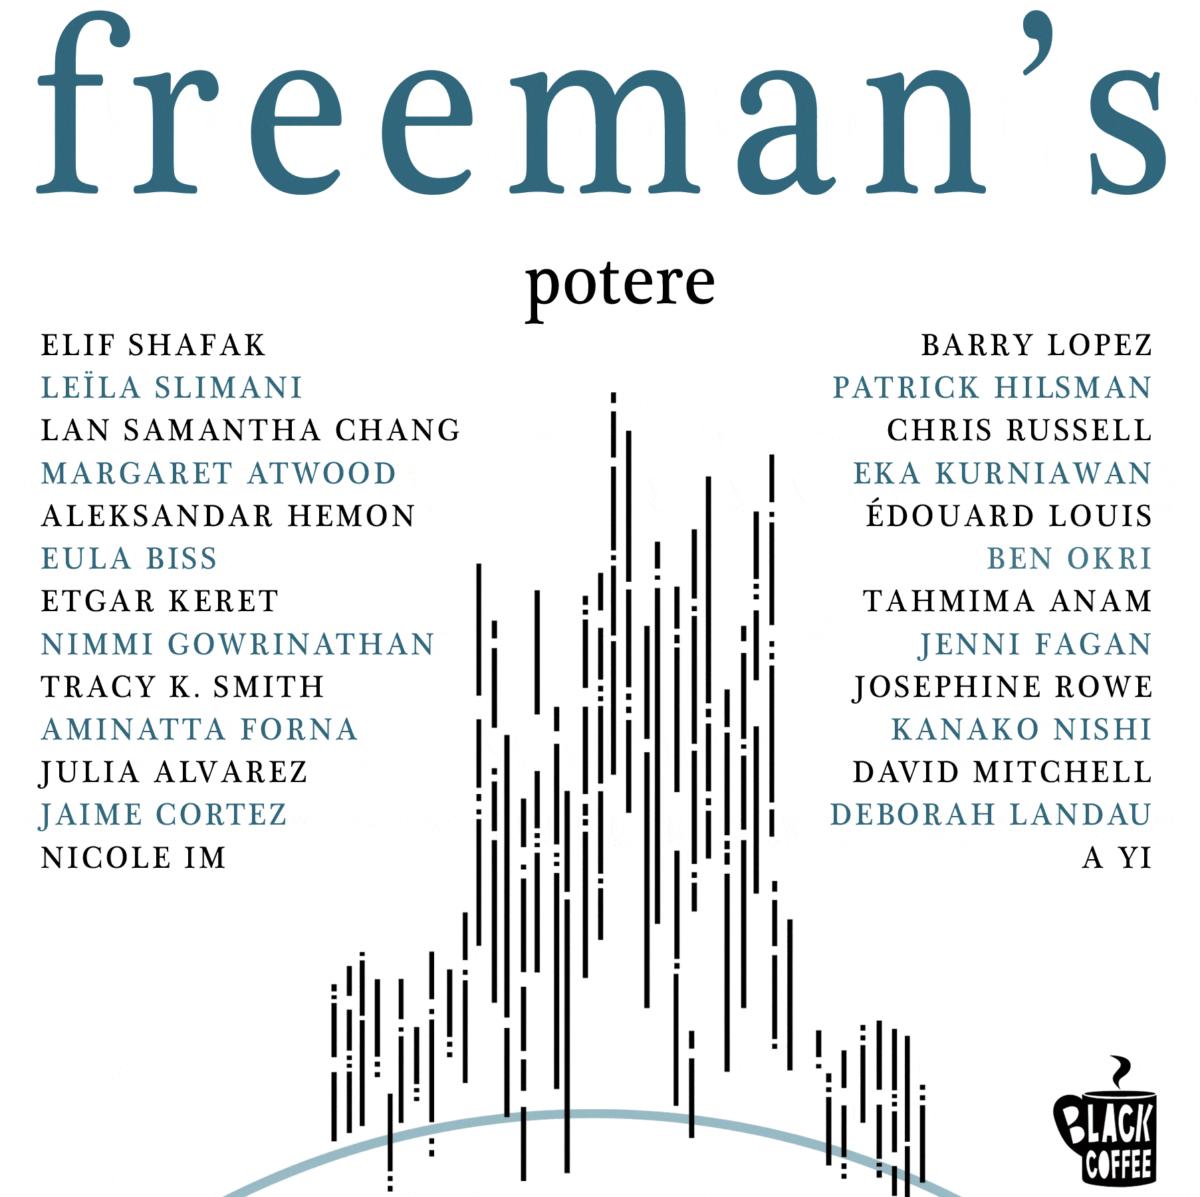 Freeman's, potere: una rivista letteraria